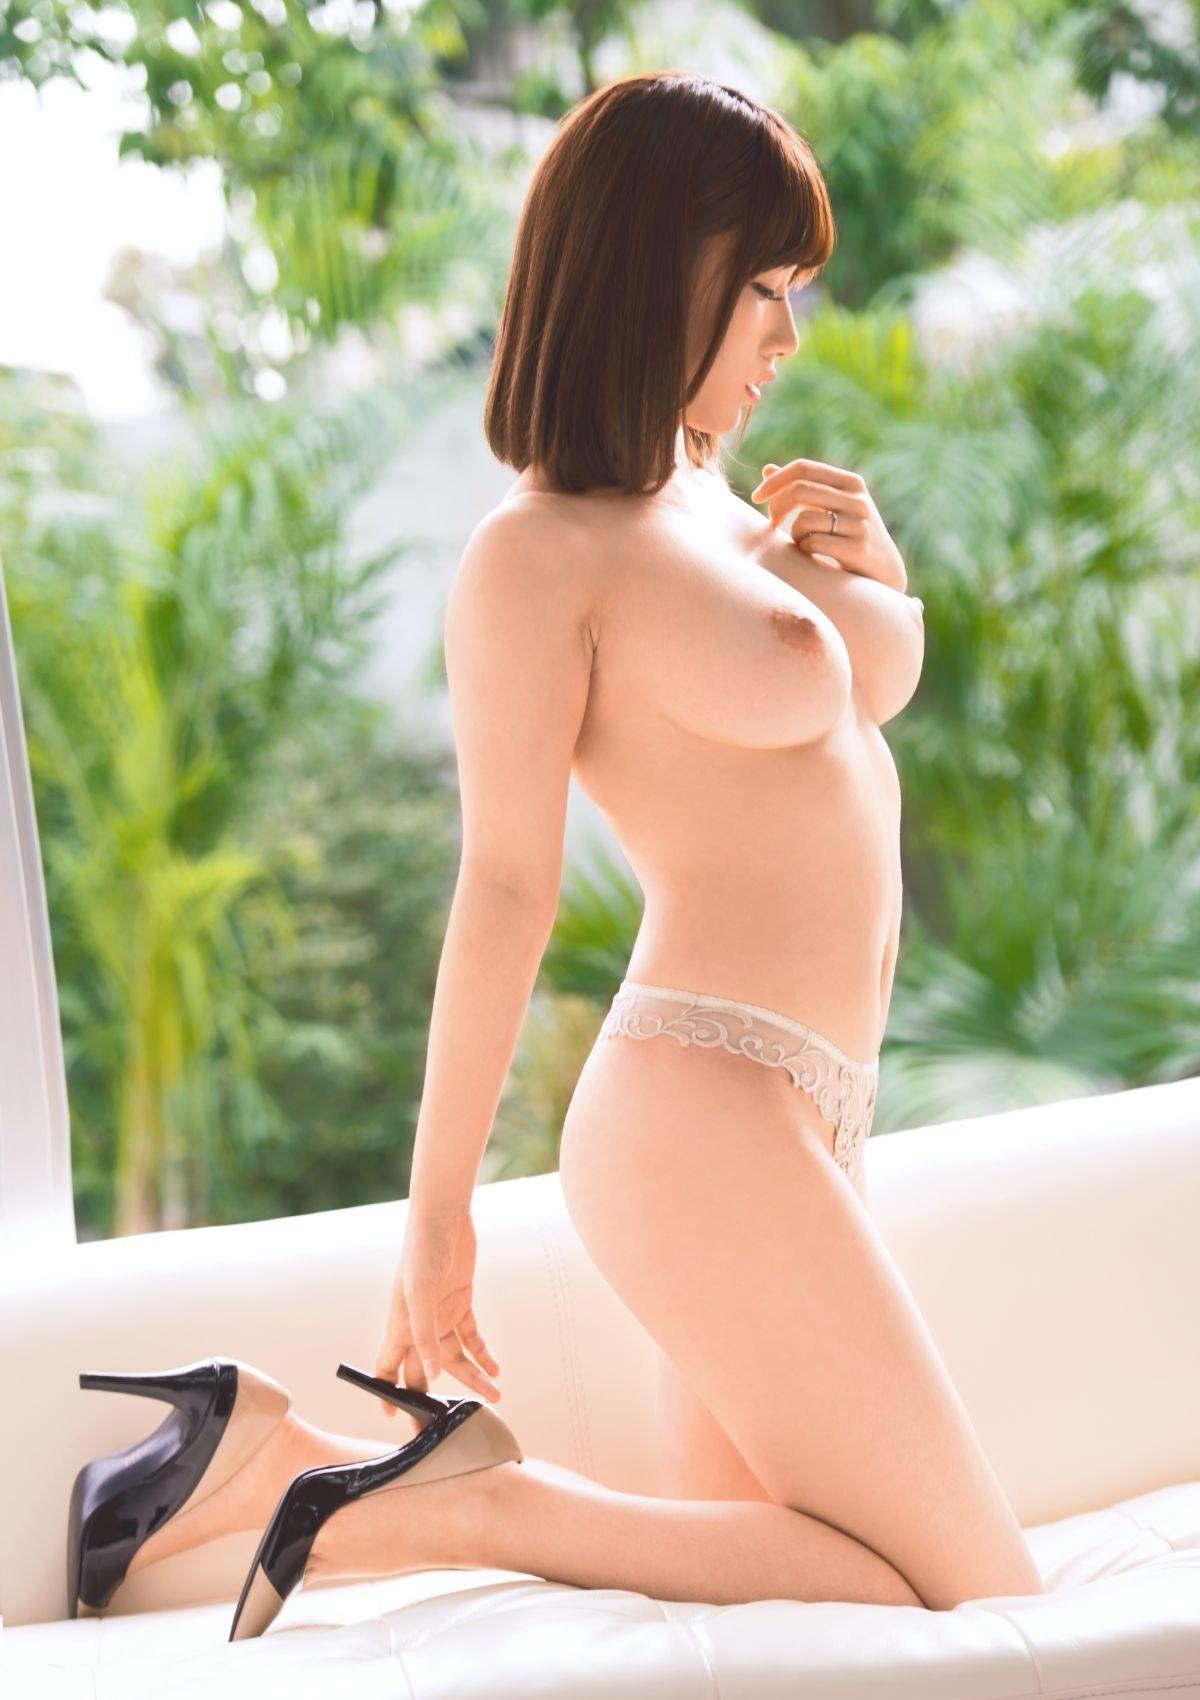 魅惑のランジェリー下着モデルのような美しいグラビアヌードVol.6第五弾:EroNet様